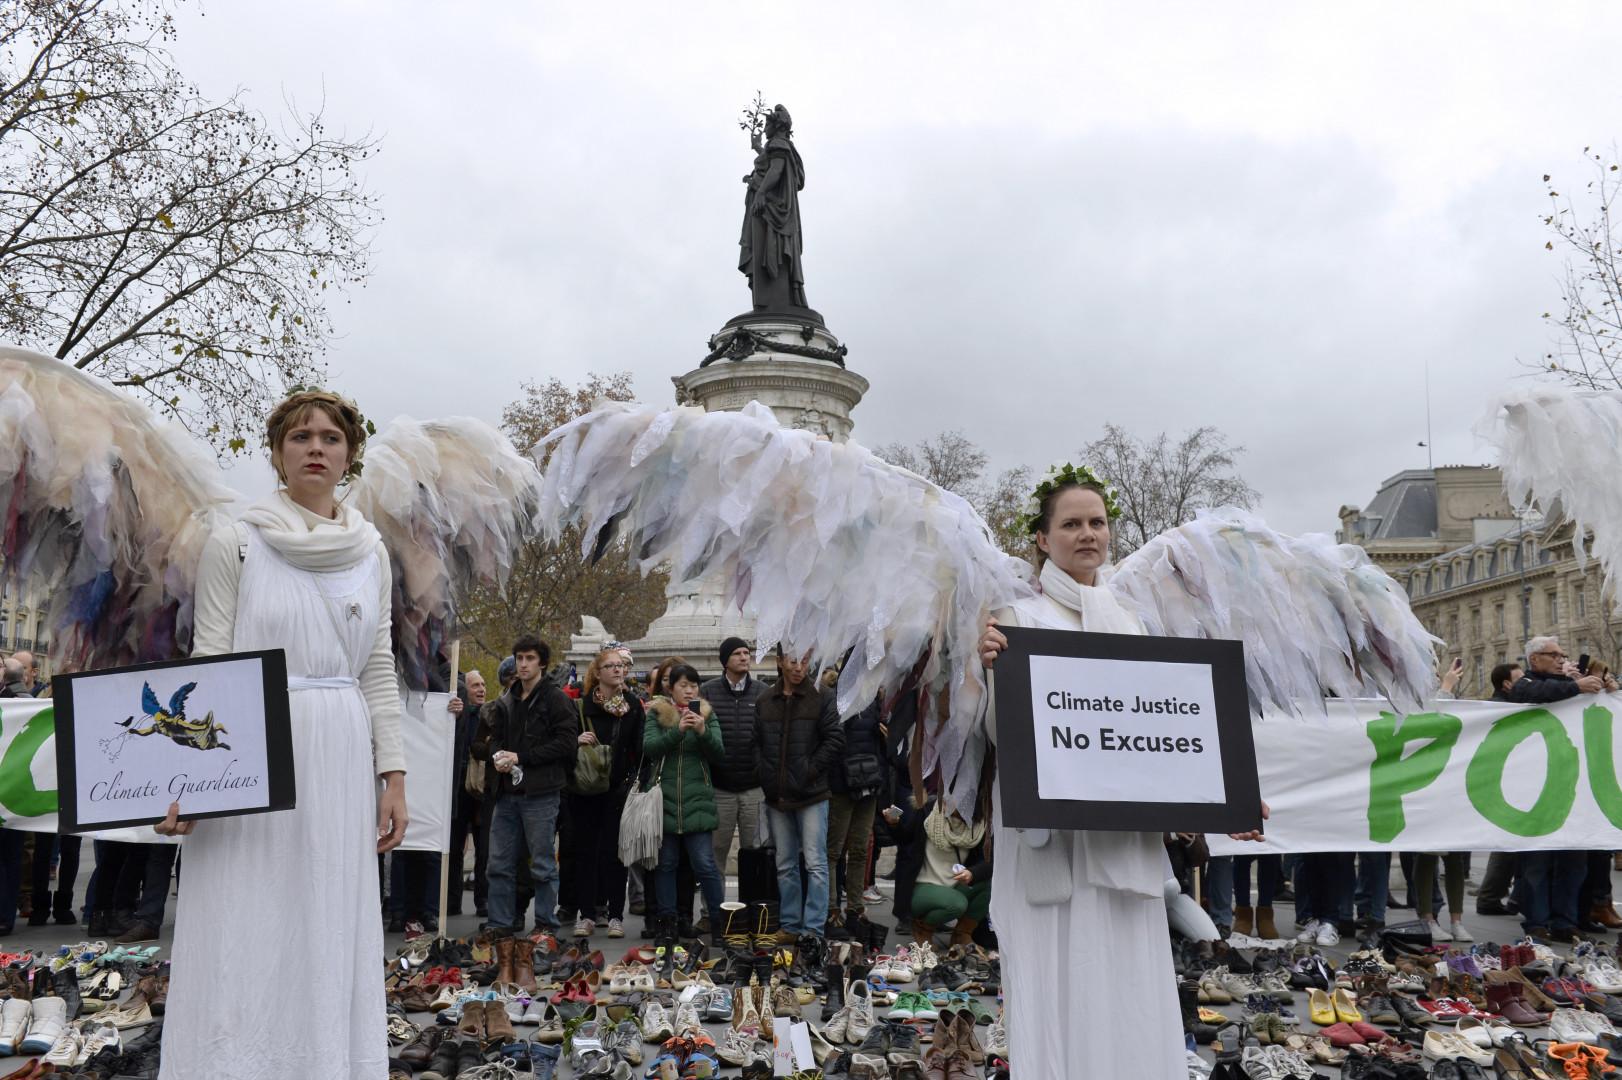 """L'organisation """"Climate Guardians"""" était sur cette place d'où devait partir une marche qui a été annulée"""